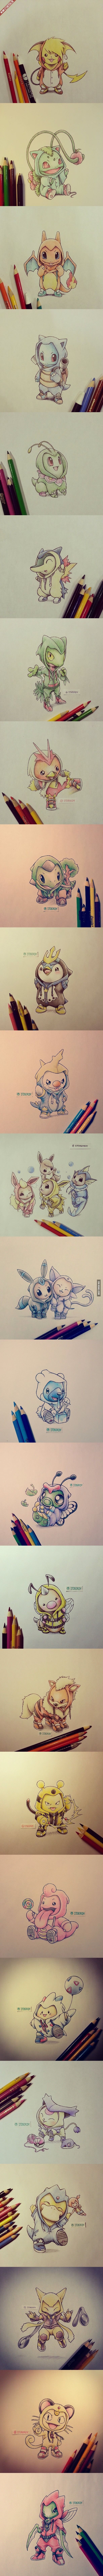 Les pokémon dans des costumes de leur évolution. :)